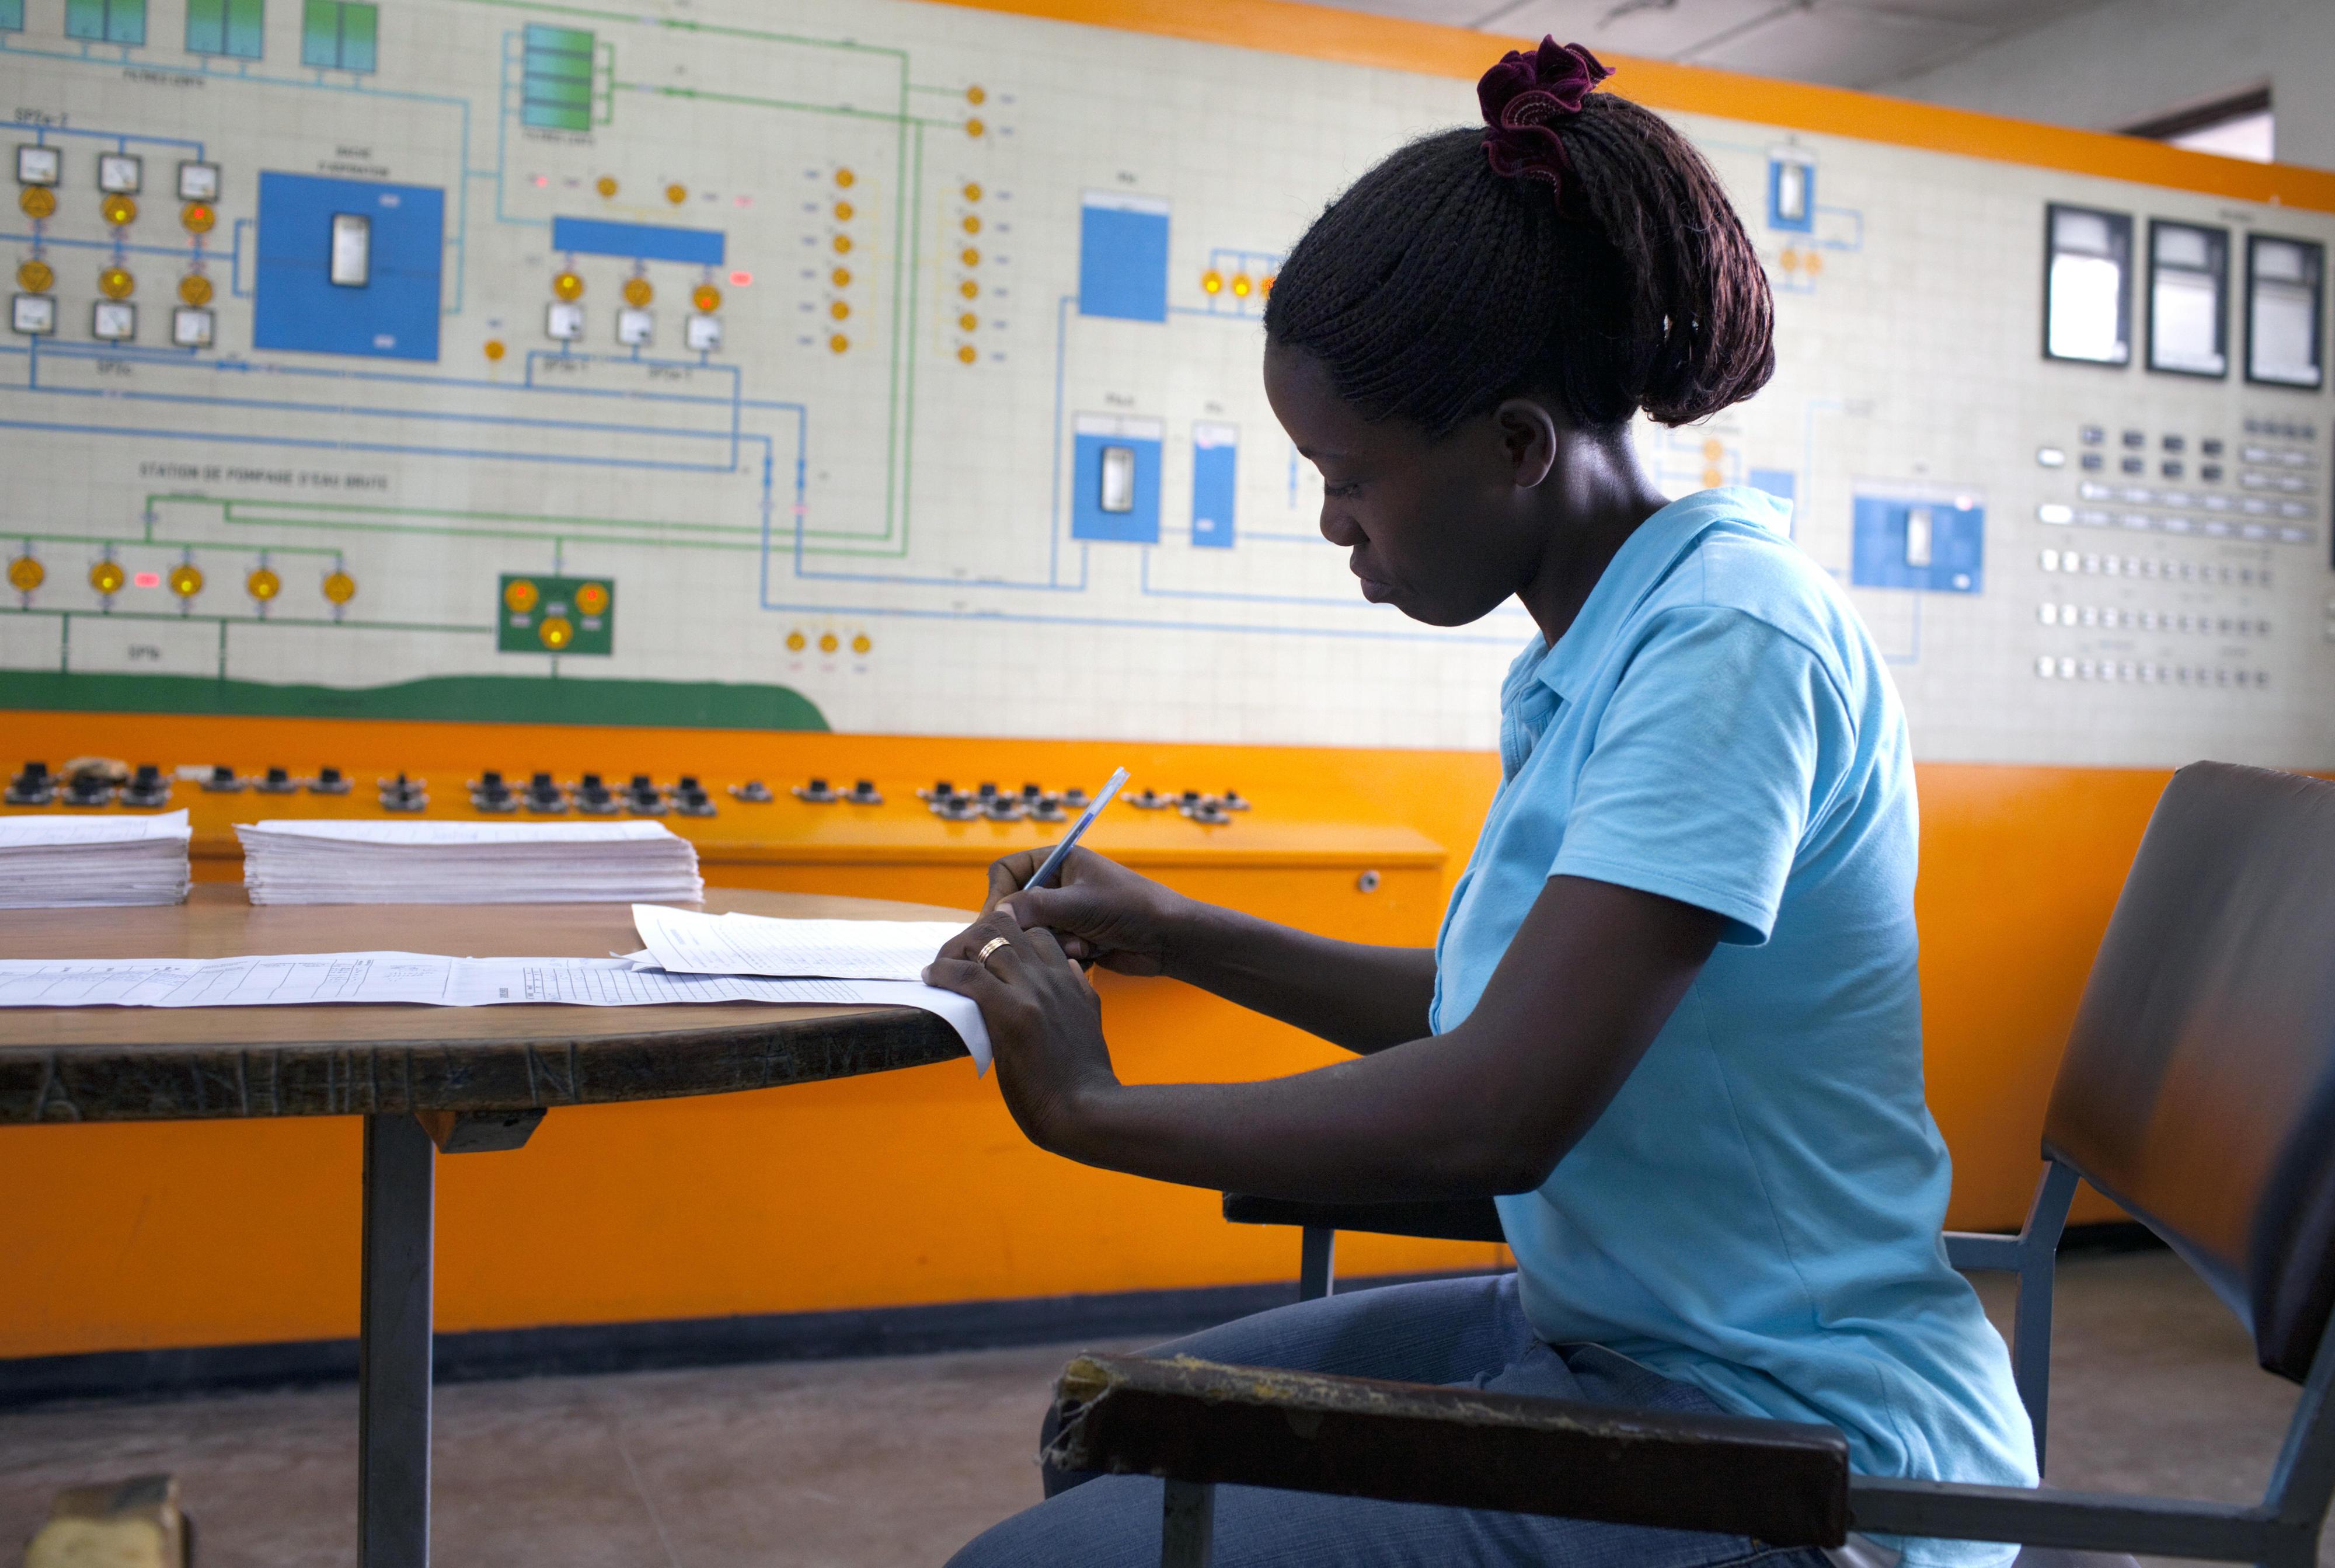 Eine technische Angestellte in der Schaltzentrale der Pumpstation eines Wasserprojekts der KfW Entwicklungsbank in Bujumbura in Burundi sitzt an einem Tisch und schreibt mit einem Kugelschreiber in ein Formular.